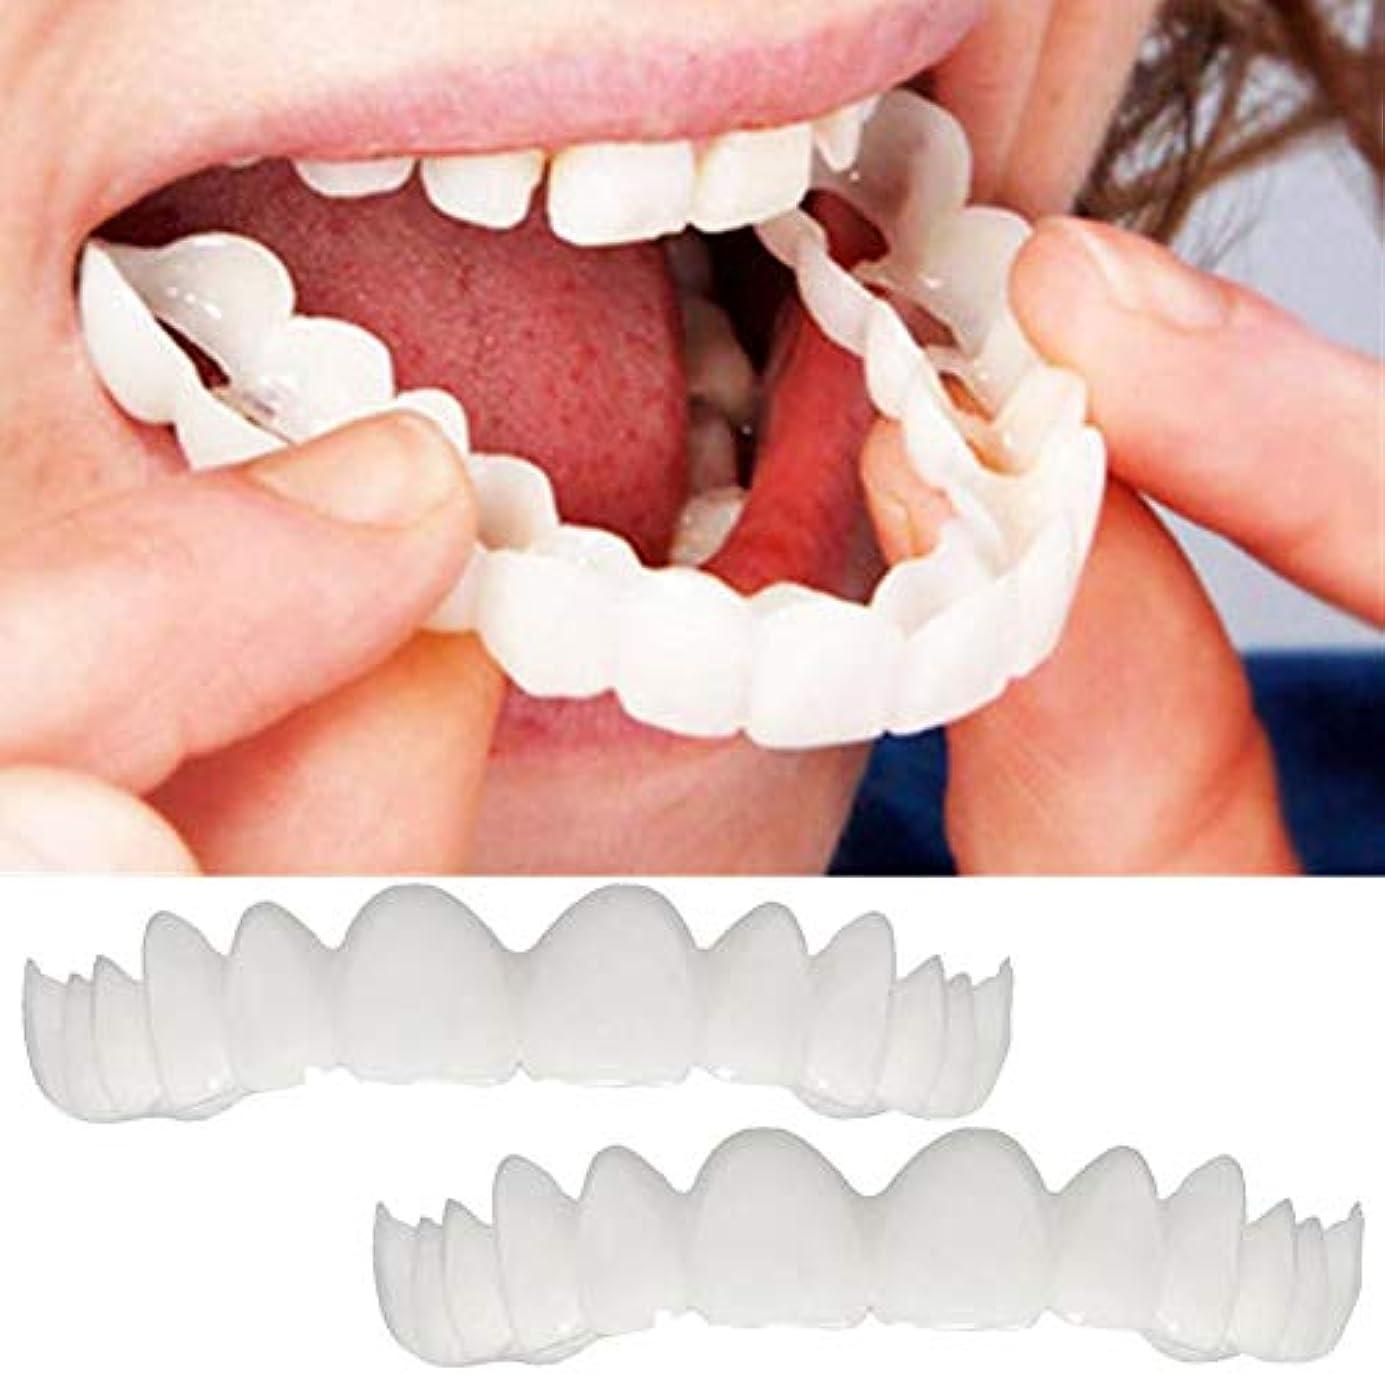 寝具ライオネルグリーンストリート過度にホワイトニングスナップオンスマイルパーフェクトスマイルフィット最も快適な義歯ケア入れ歯デンタルティースベニヤ上の歯と下の歯,1Pcs